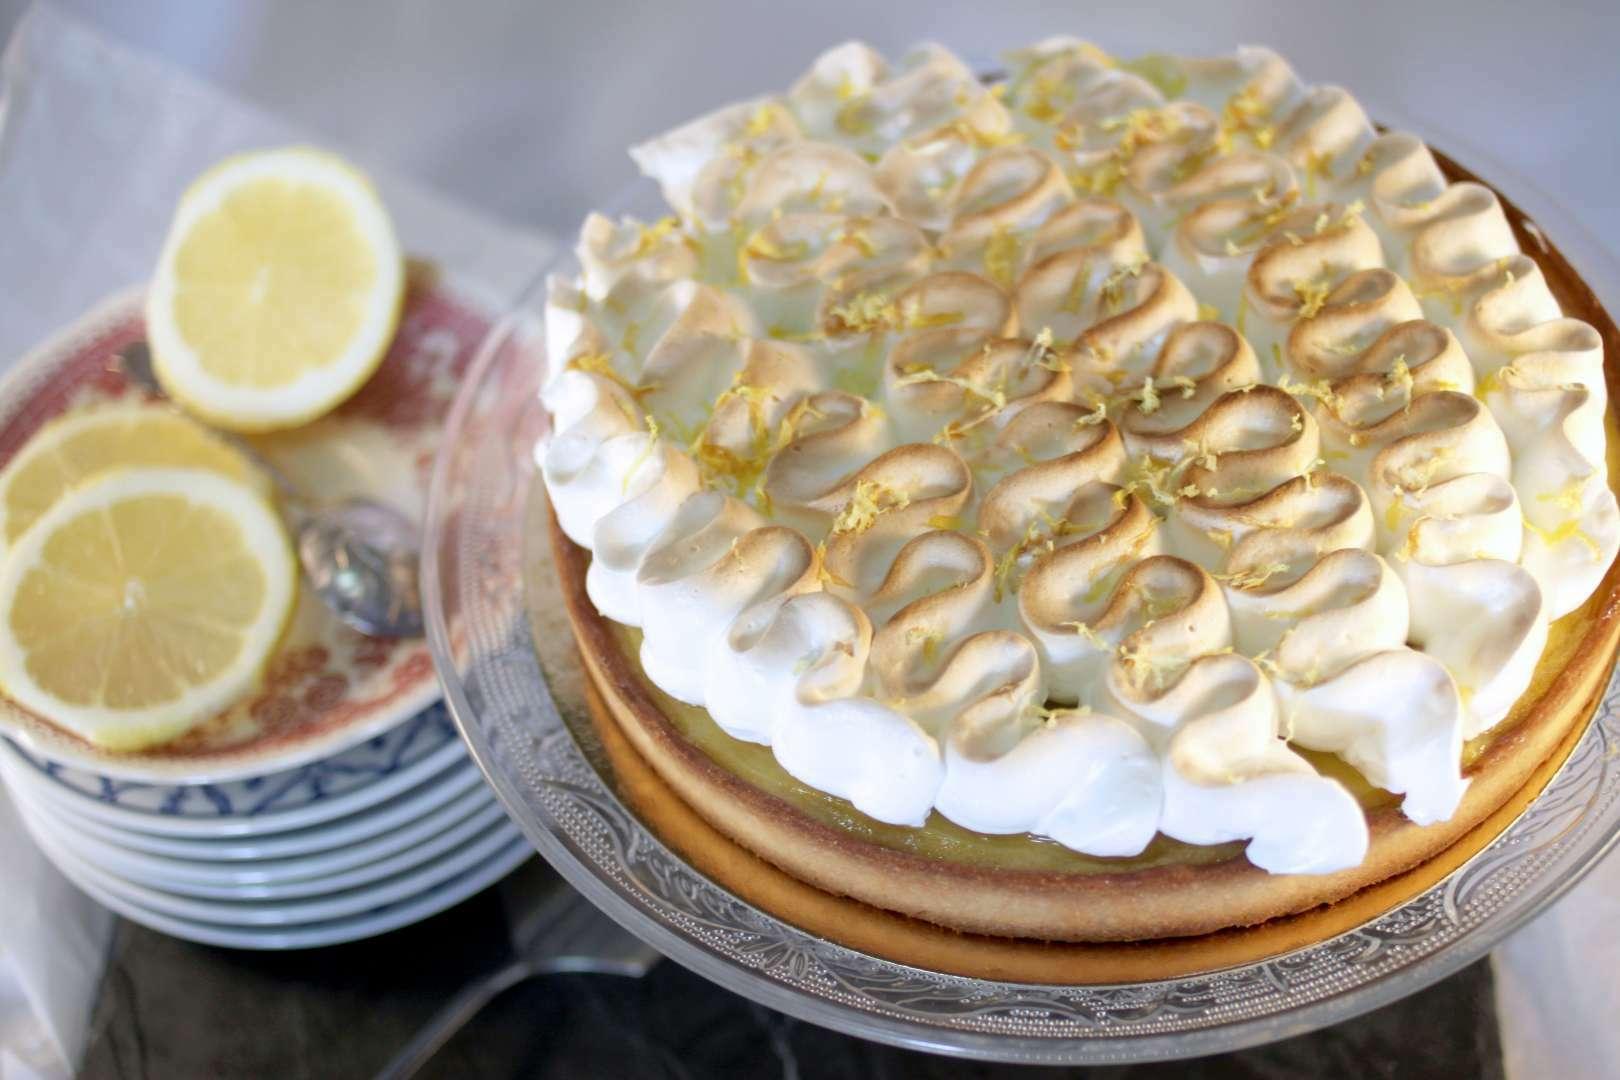 Tarte au citron et meringue italienne recette ptitchef - Tarte au citron facile et rapide ...